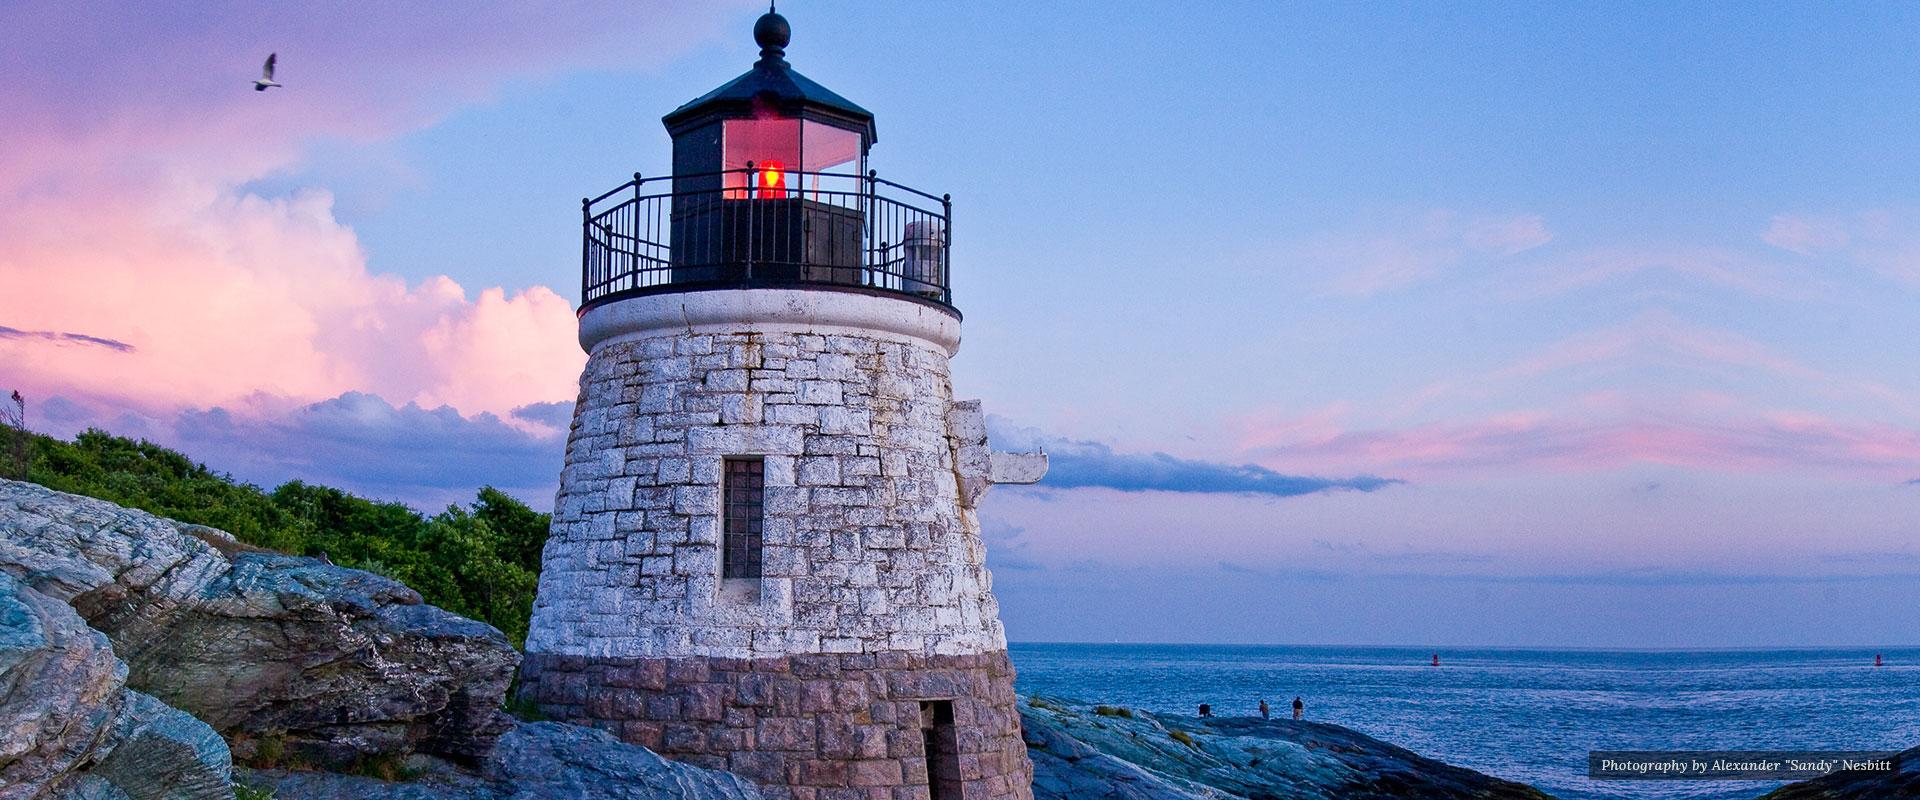 The Lighthouse | Newport Inns of Rhode Island